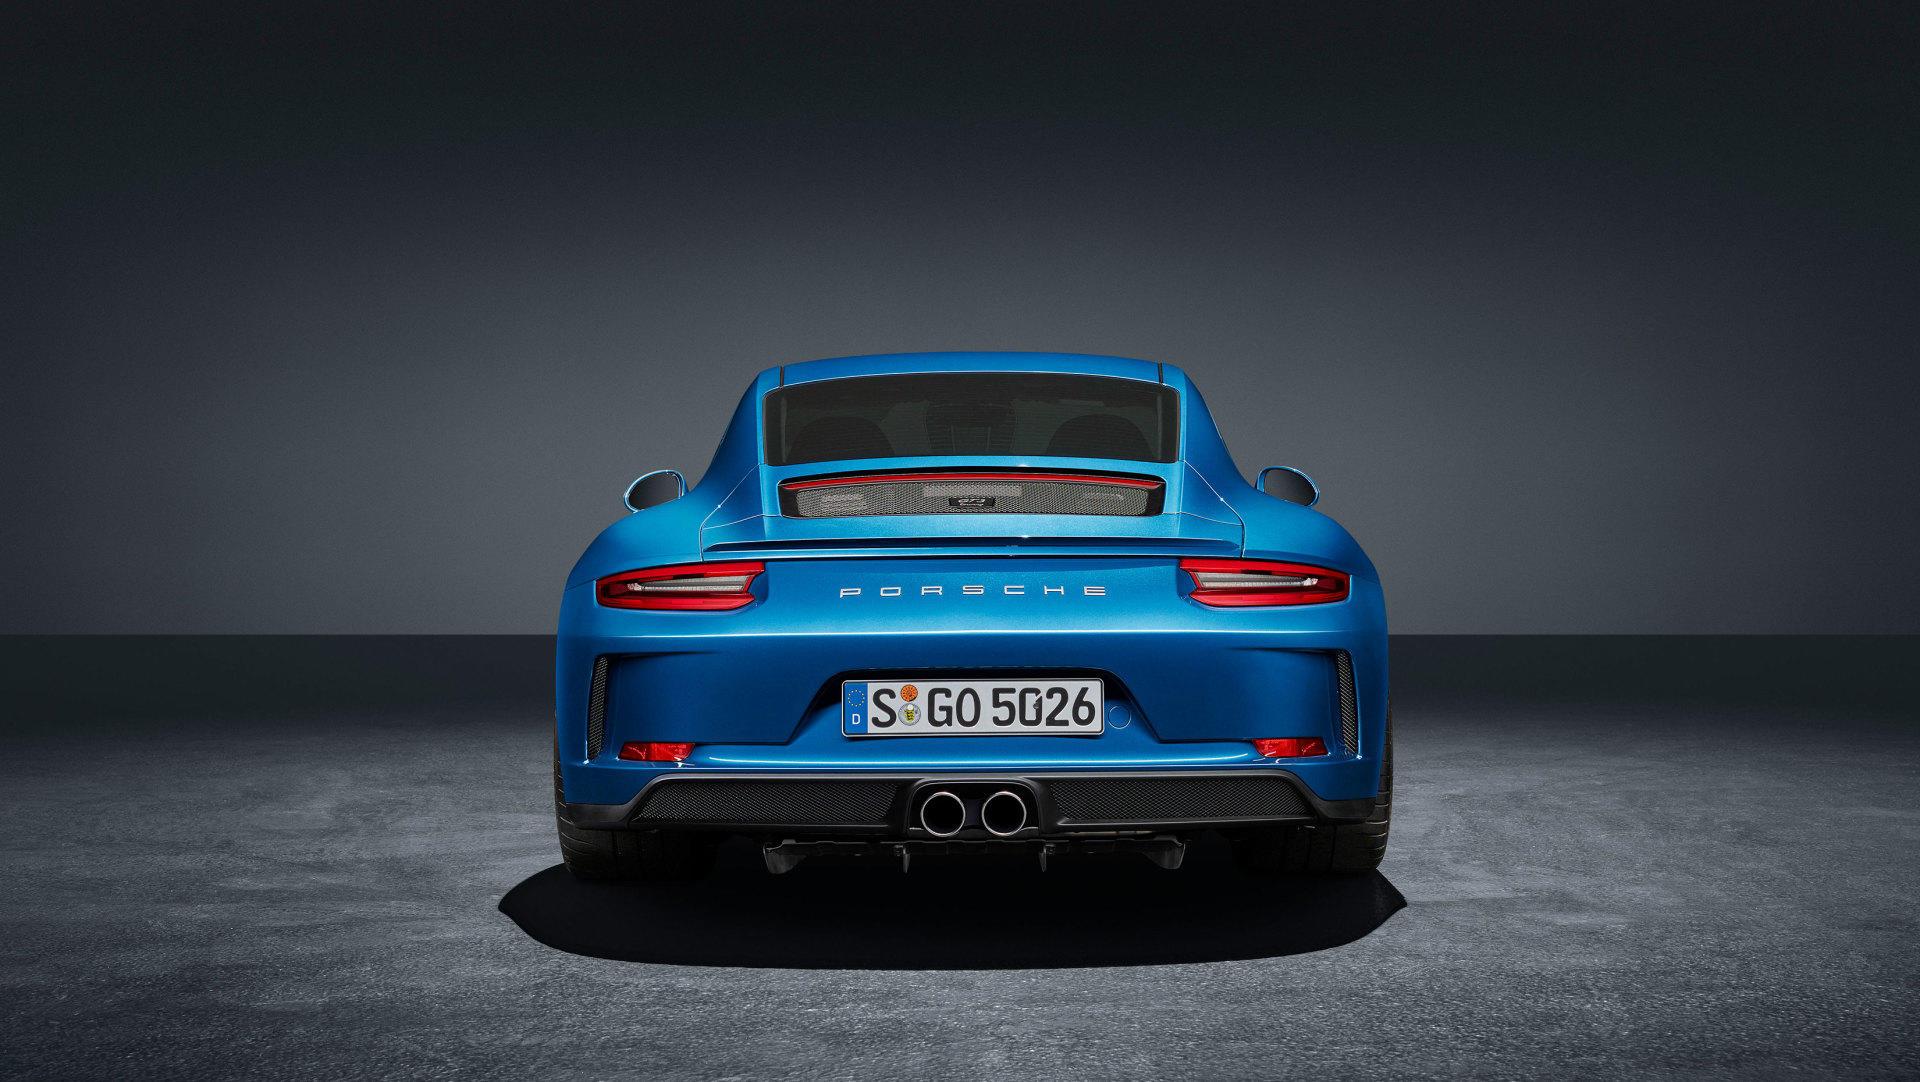 La nueva generación del Porsche 911 ya está en marcha